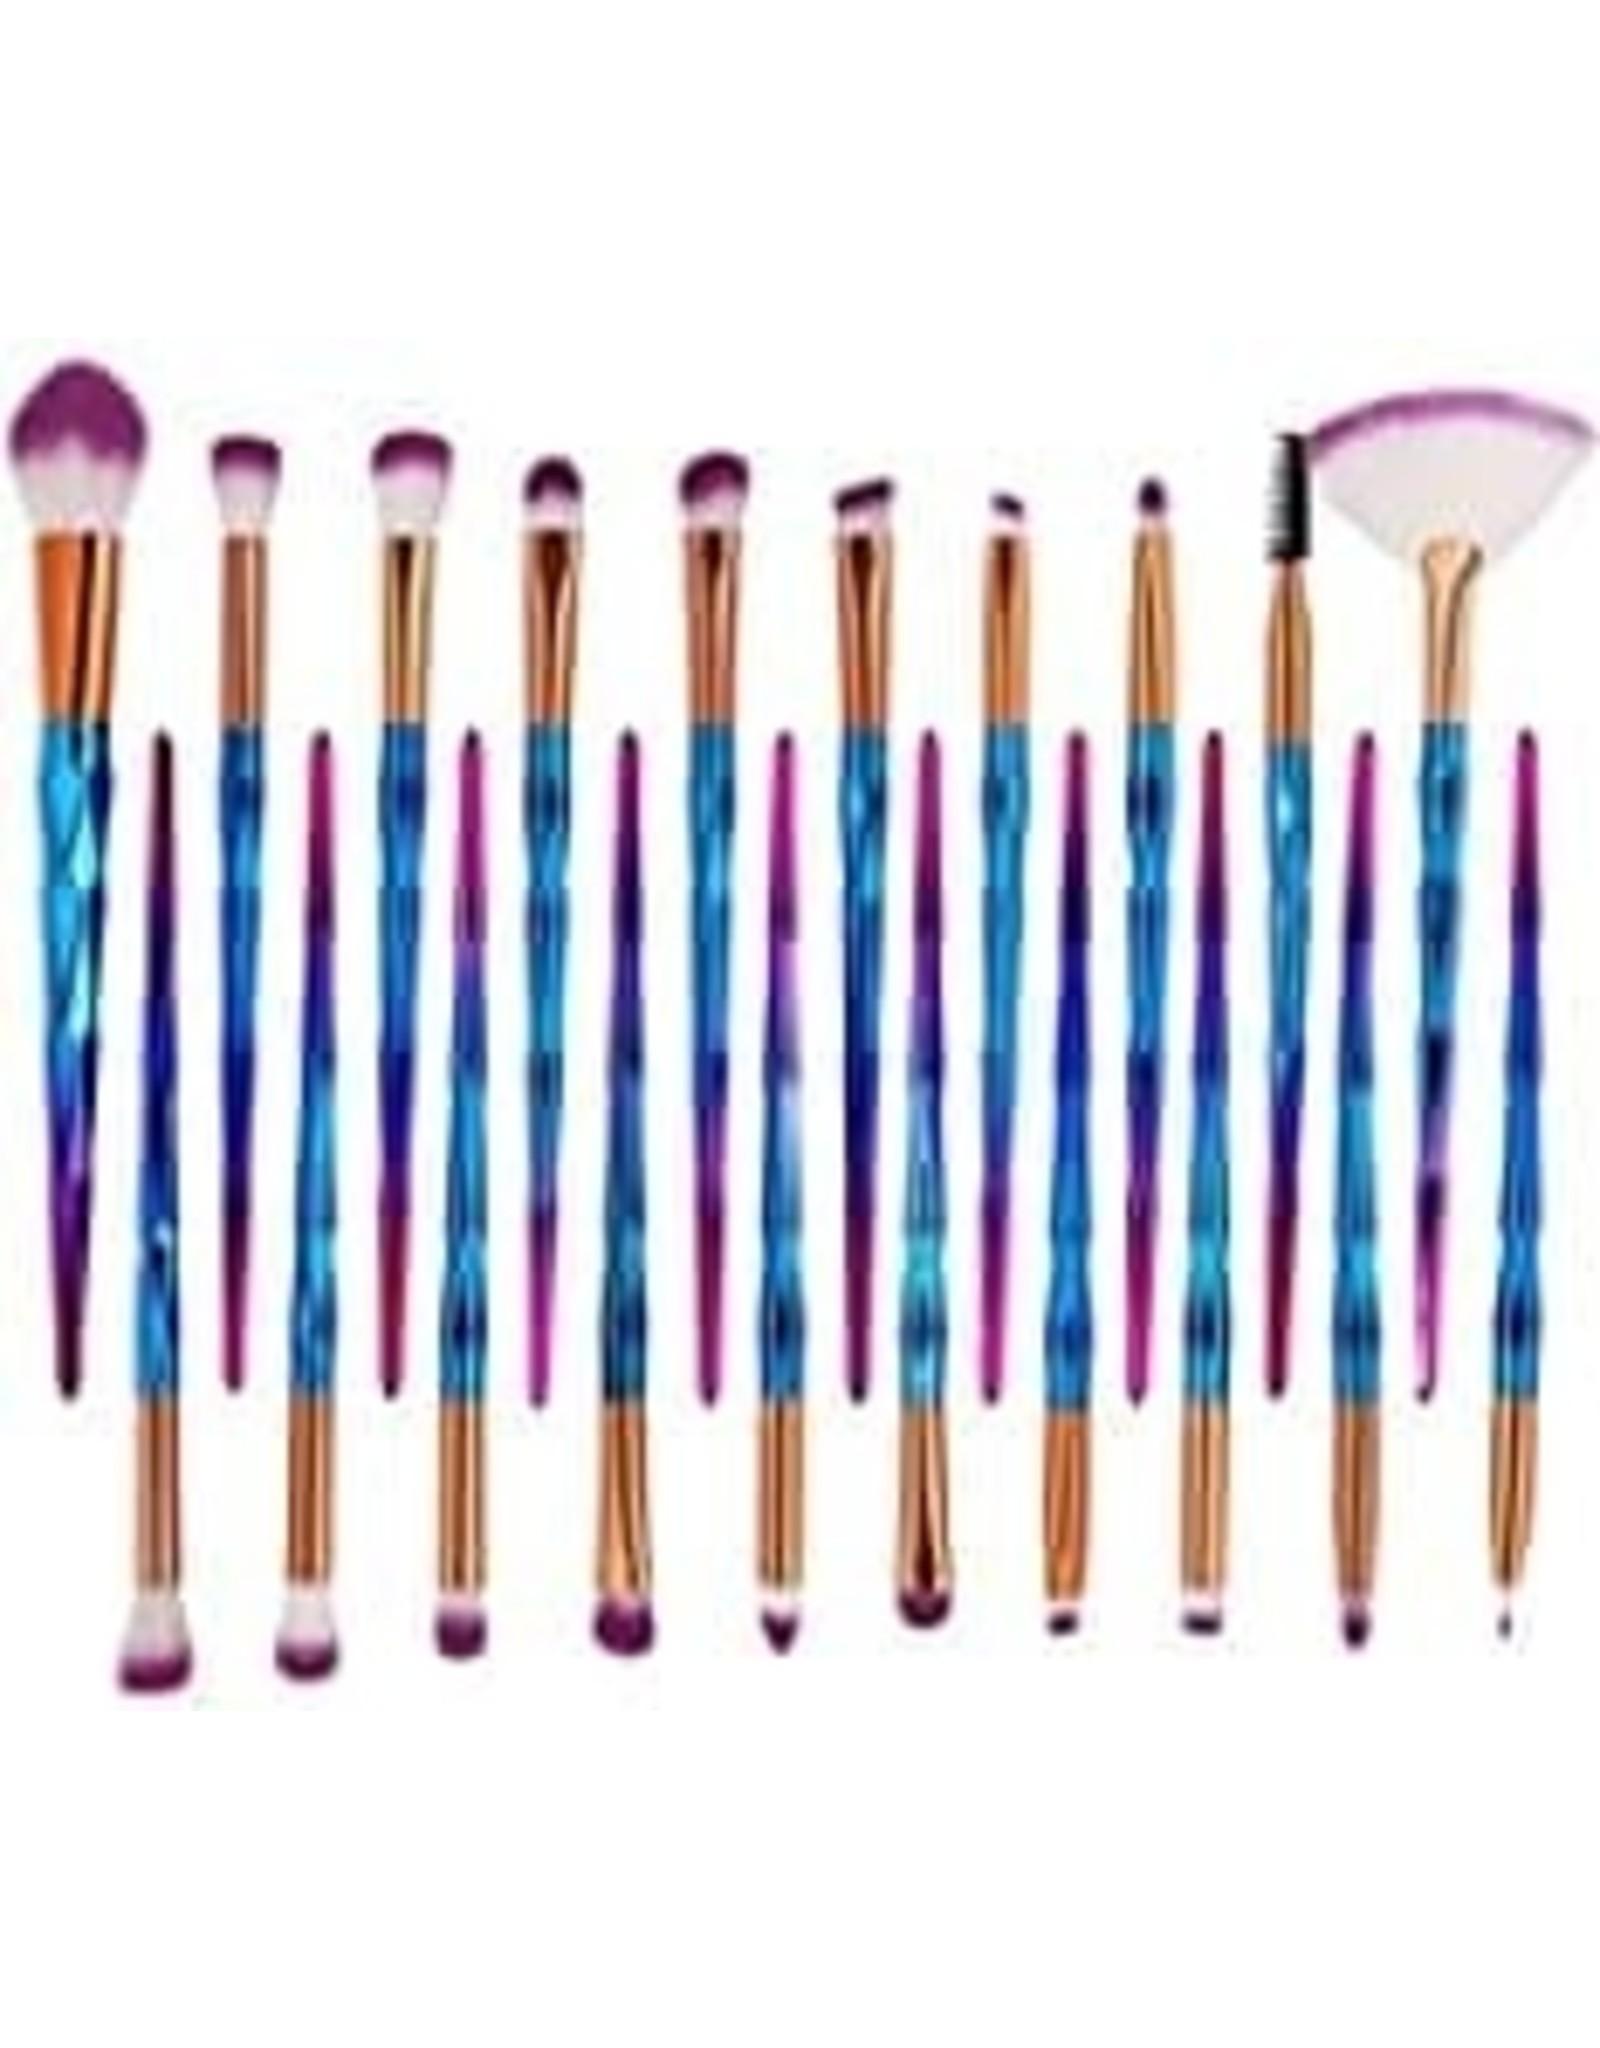 Ensemble de 20 pinceaux à maquillage bleu vif et rose scintillant